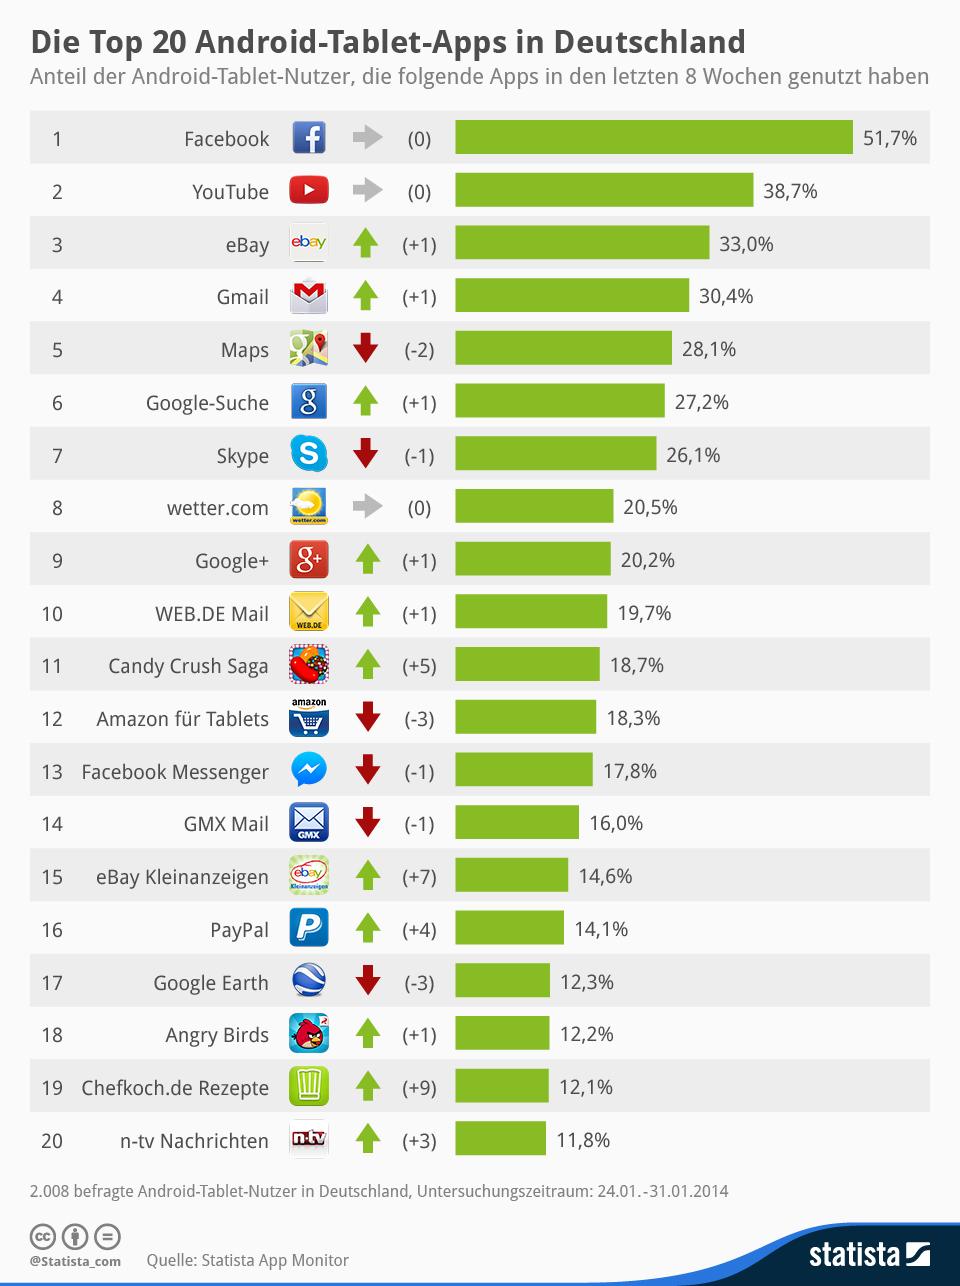 """Mit einer Nutzungsreichweite von 51,7 Prozent ist Facebook die beliebteste App, die auf Android-Tablets genutzt wird. Schon der Zweitplatzierte Youtube erreicht nur 38,7 Prozent. Mit 33 Prozent landet Ebay auf dem dritten Platz (Grafik: <a href=\""""http://de.statista.com/infografik/912/die-top-20-android-tablet-apps-in-deutschland/\"""" target=\""""_blank\"""">Statista</a>)."""